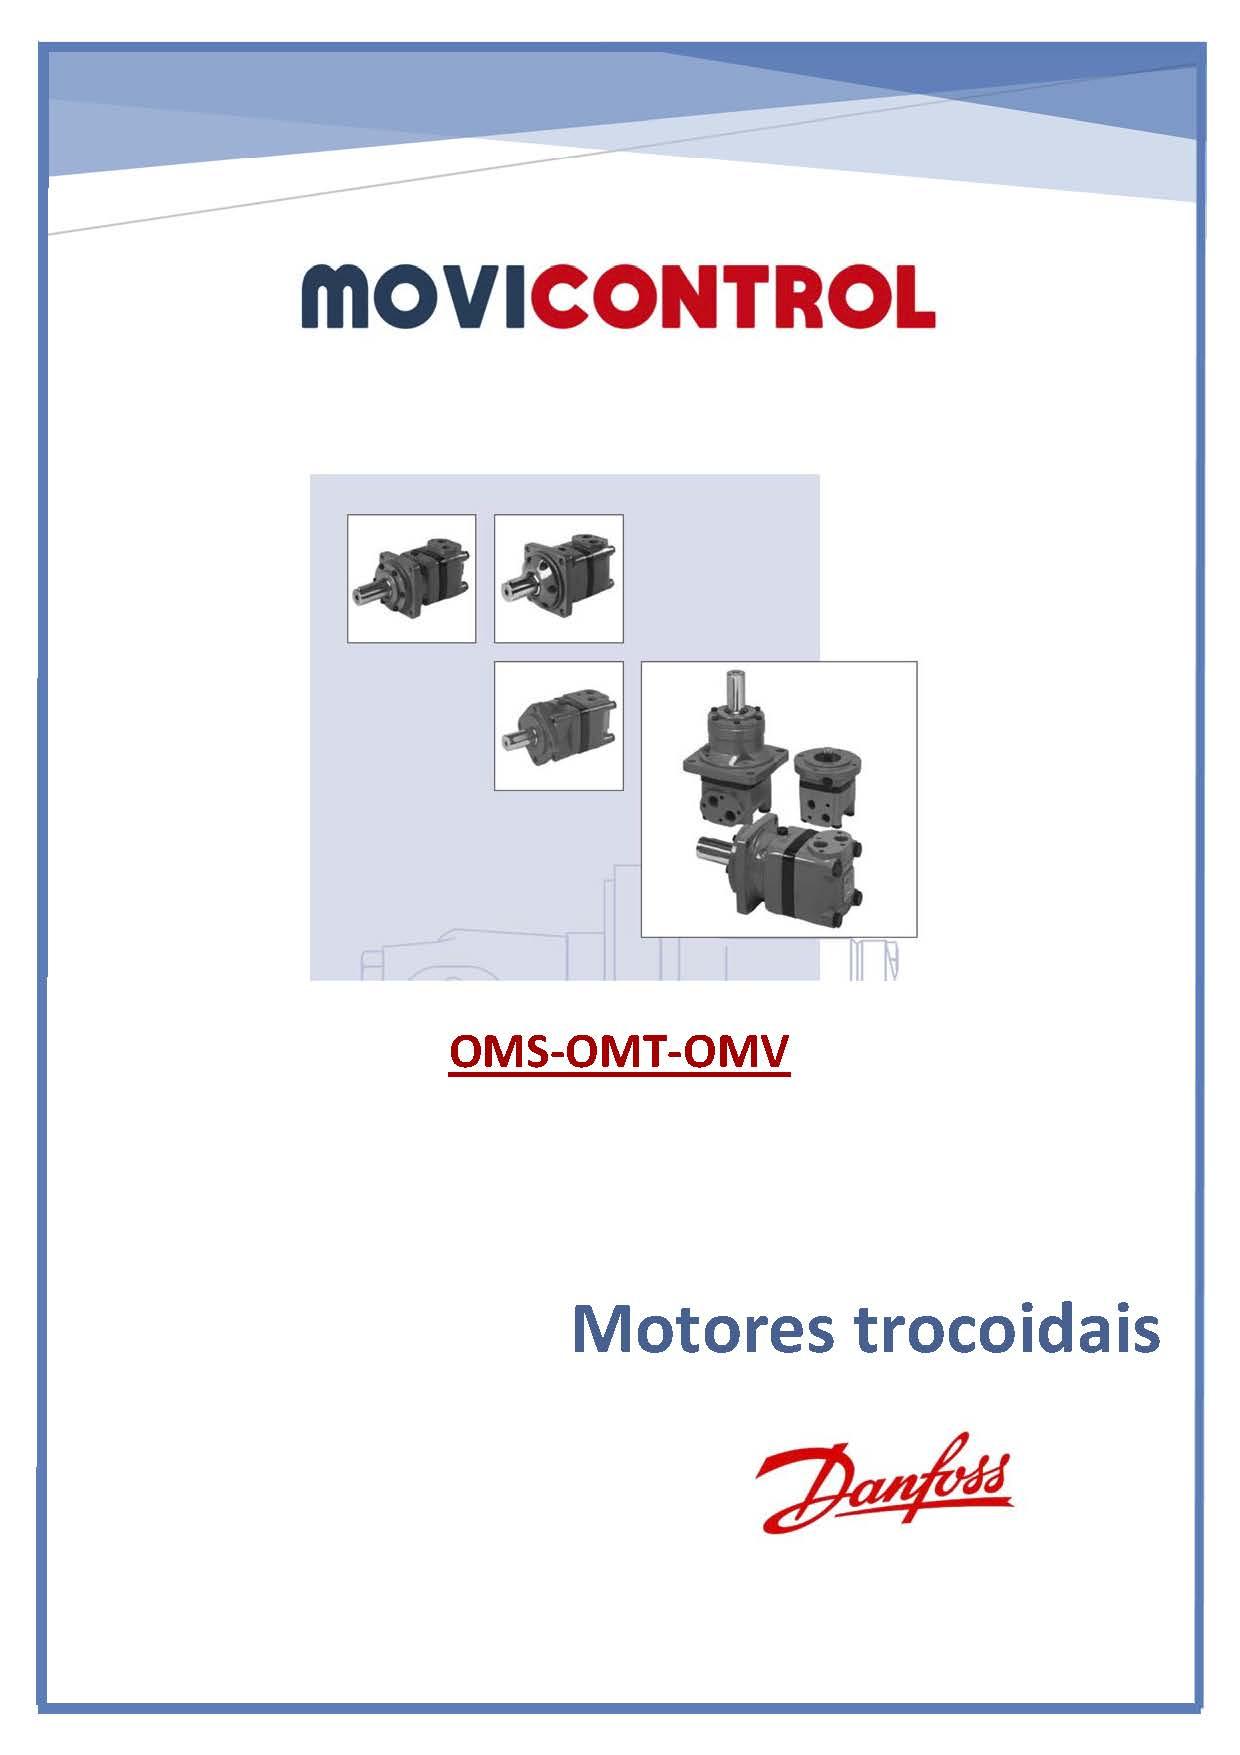 catálogo dos motores oms-omt-omvf_Página_1